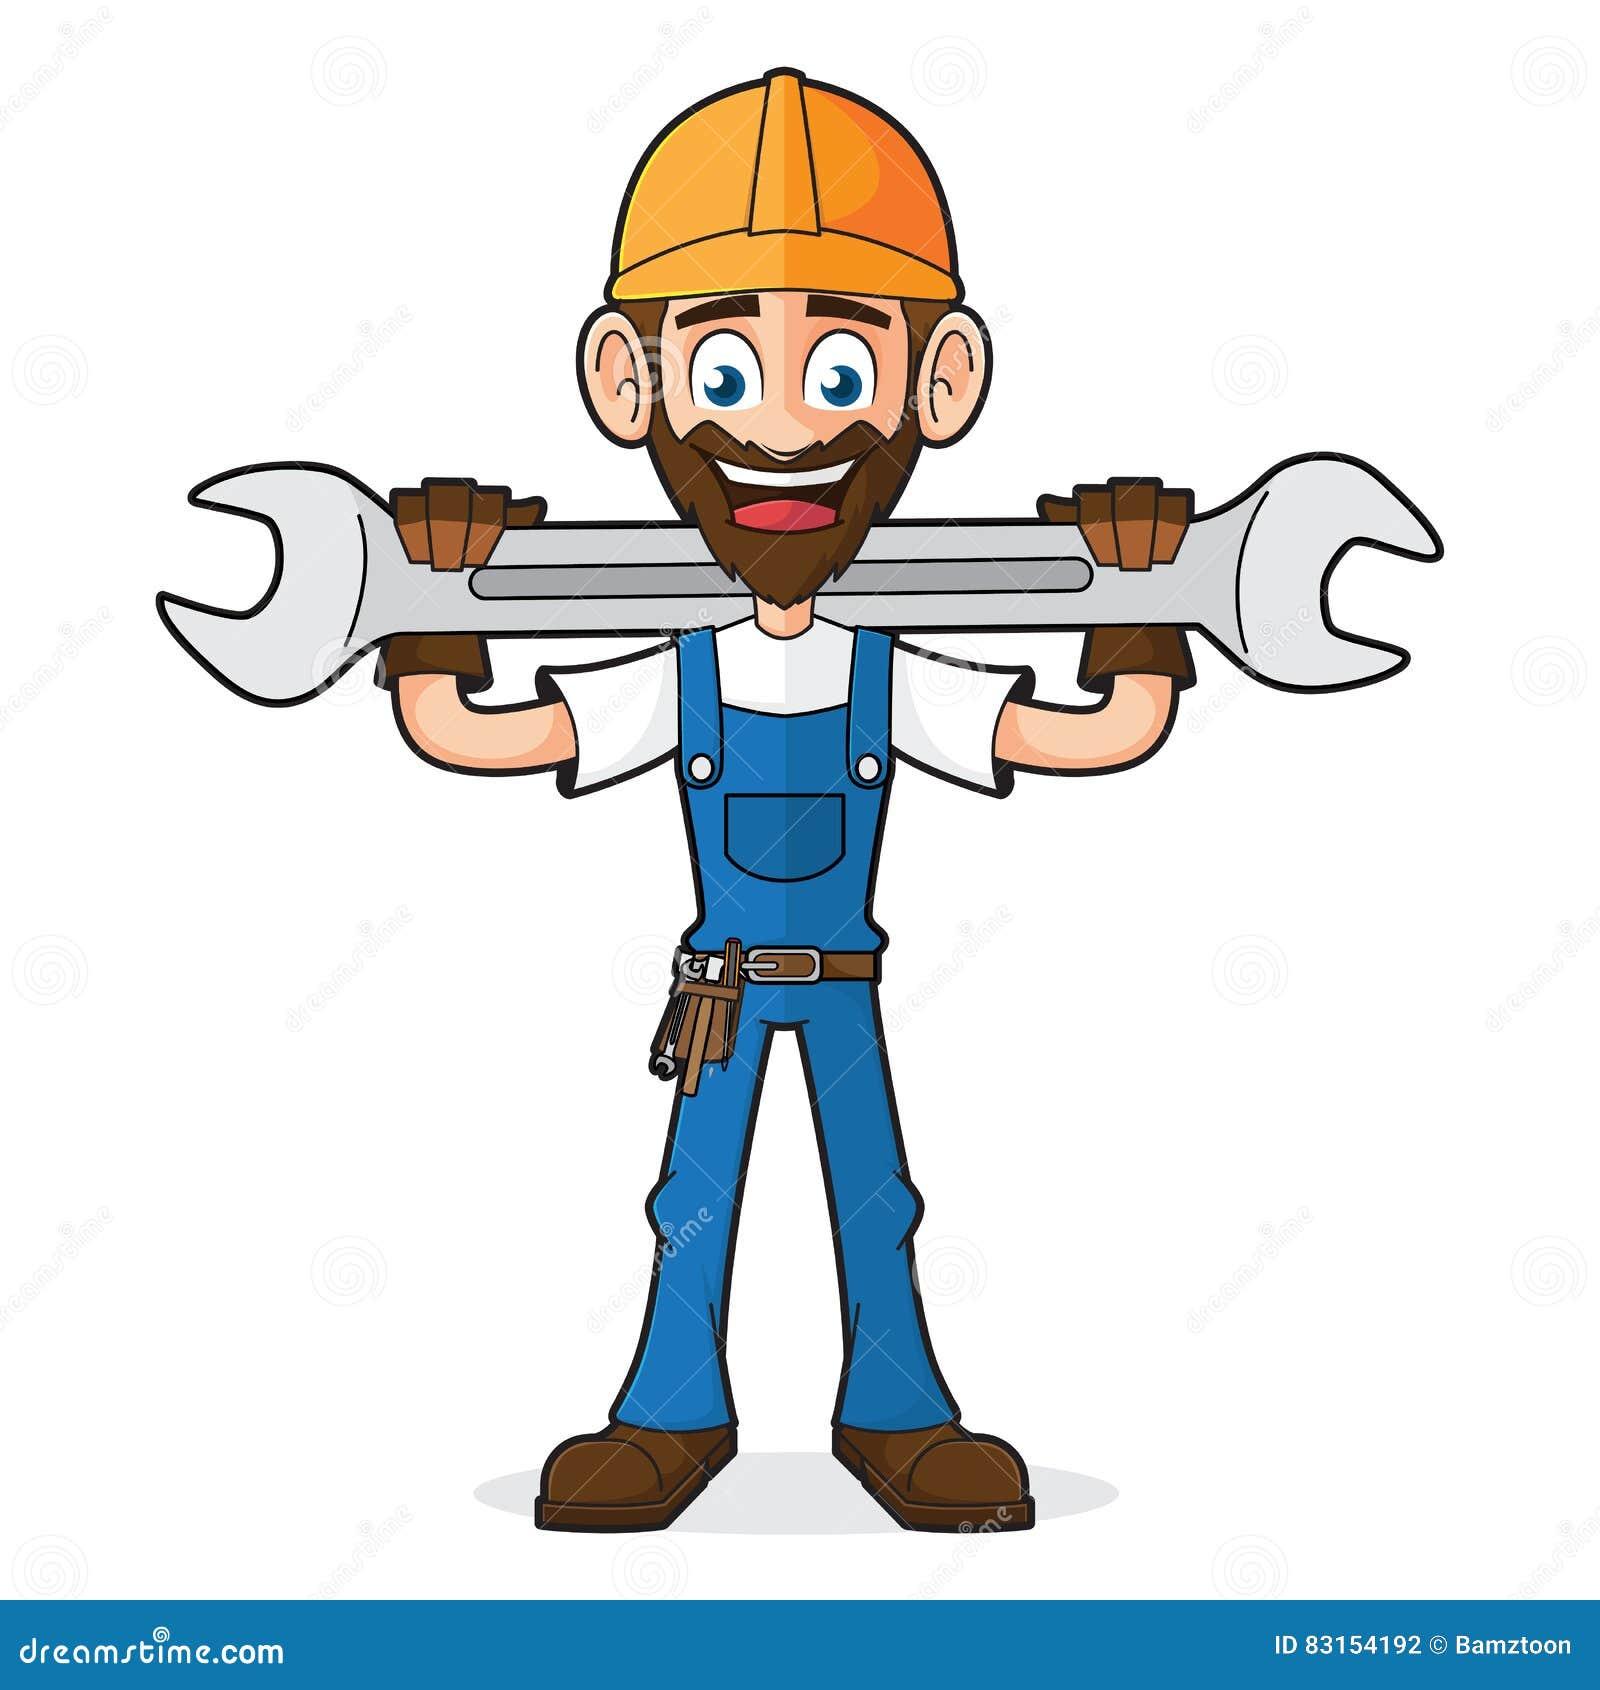 Manitas Holding Wrench